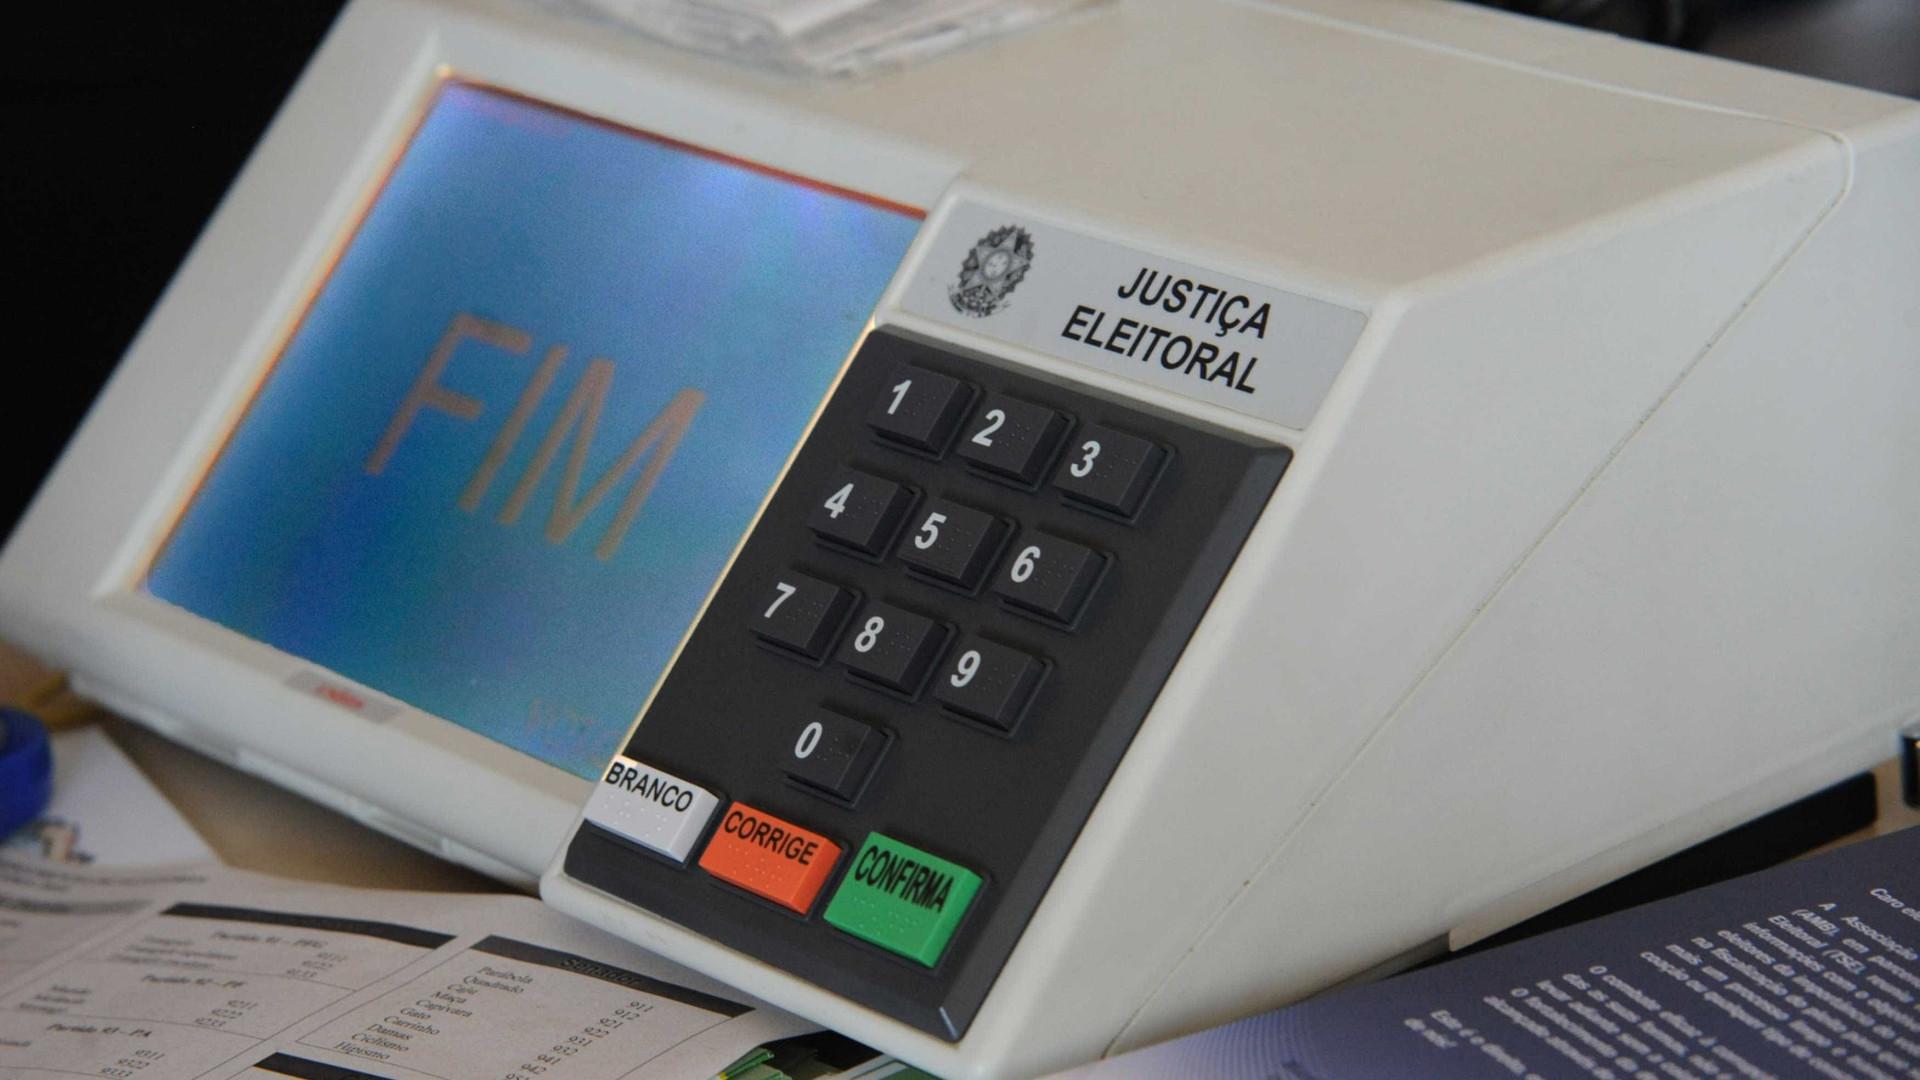 Revólver usado por eleitor na urna é falso, diz PF